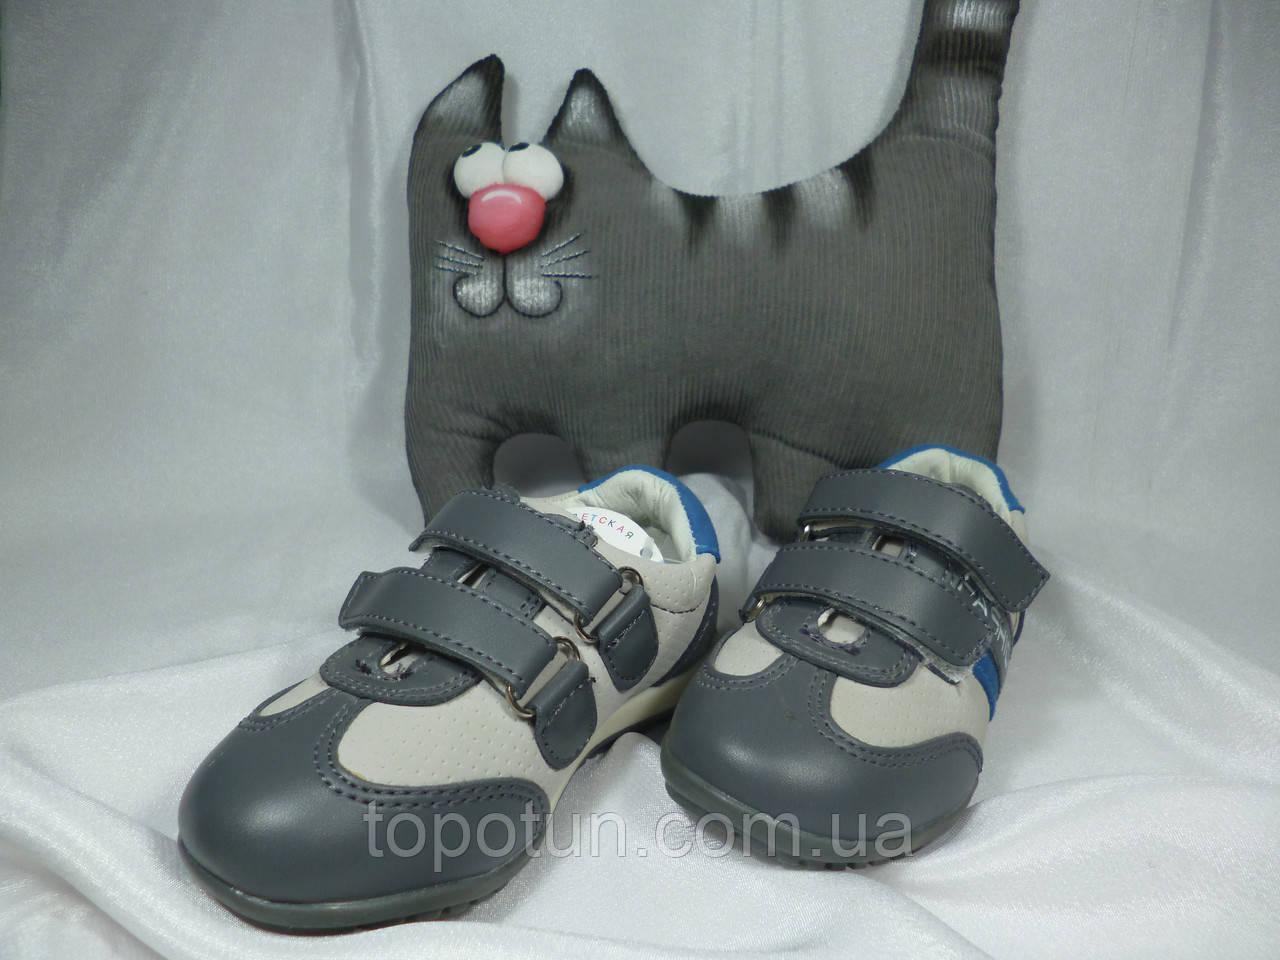 """Детские кроссовки для мальчика """"Jong Golf"""" Размер: 23,24"""